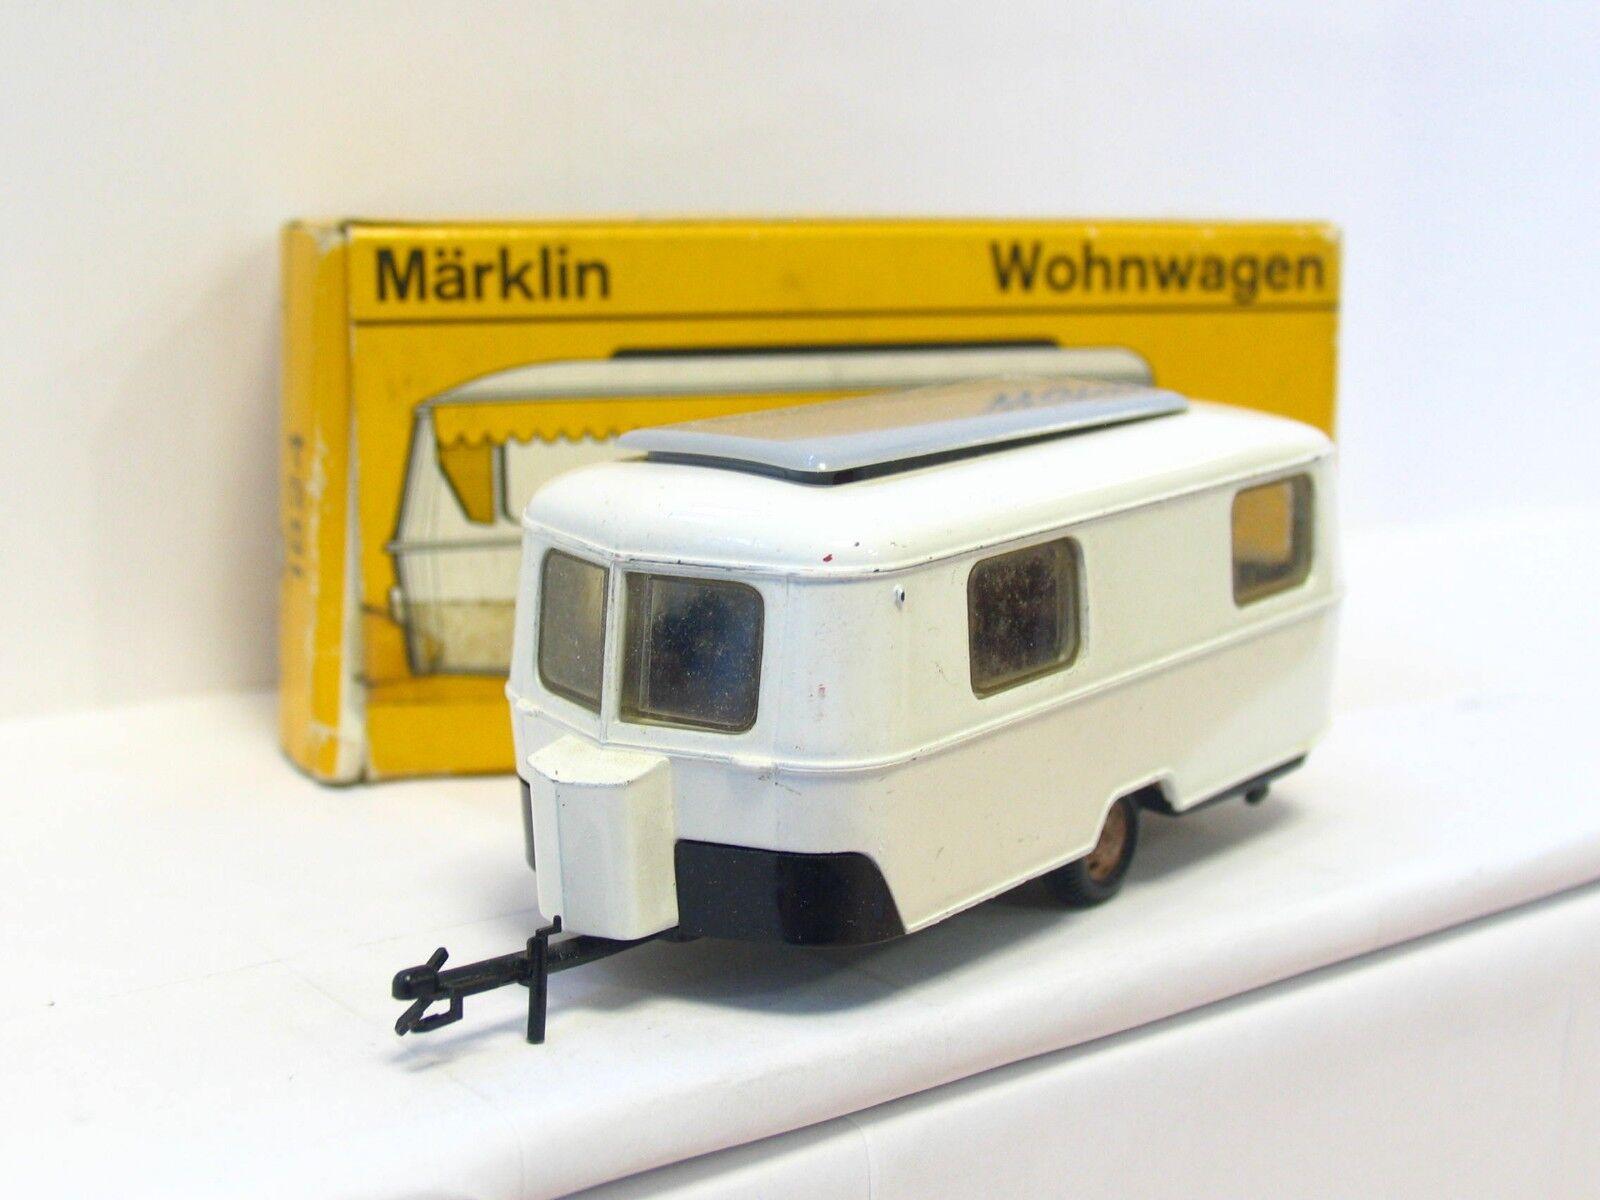 Märklin 1 43 1824 Wohnwagen komplett OVP (V7108)  | Schenken Sie Ihrem Kind eine glückliche Kindheit